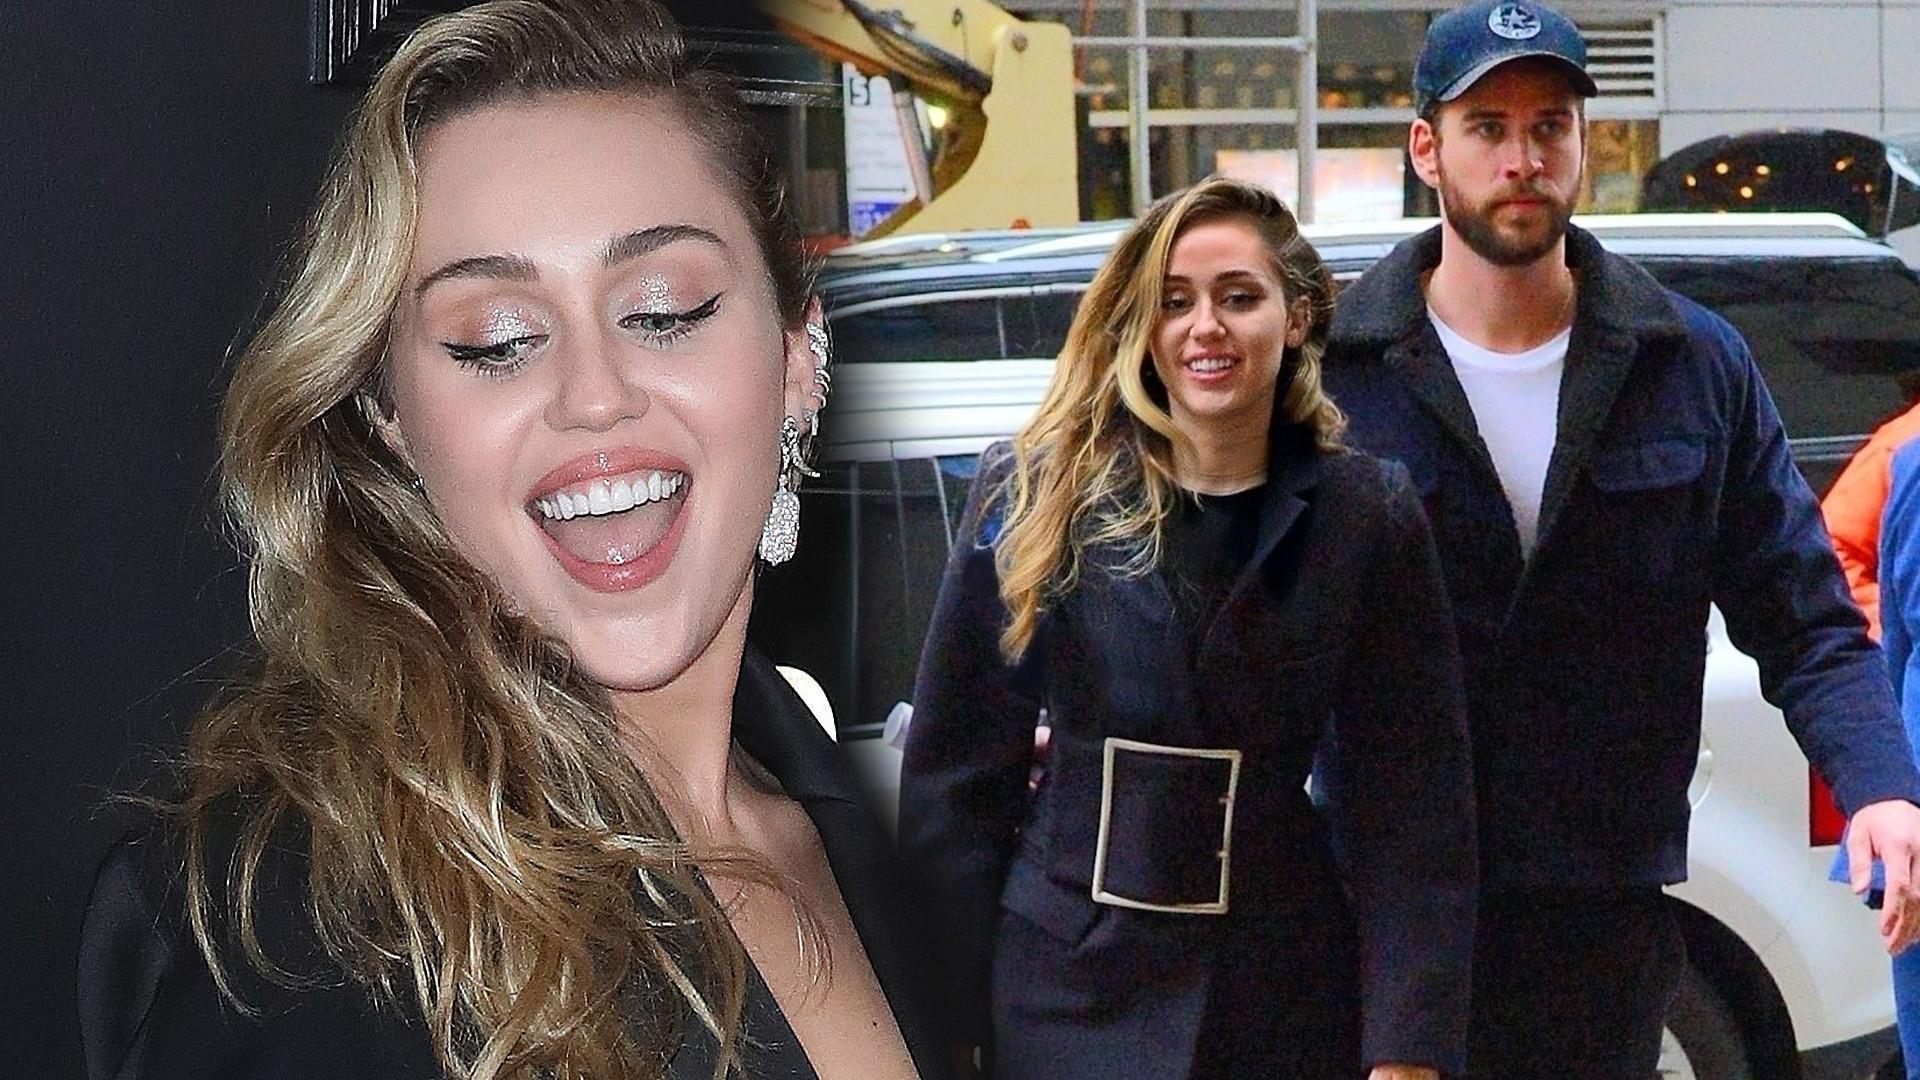 Miley Cyrus w ogniu krytyki. Wylała się na nią fala hejtu po wstawieniu TEGO zdjęcia na Instagram